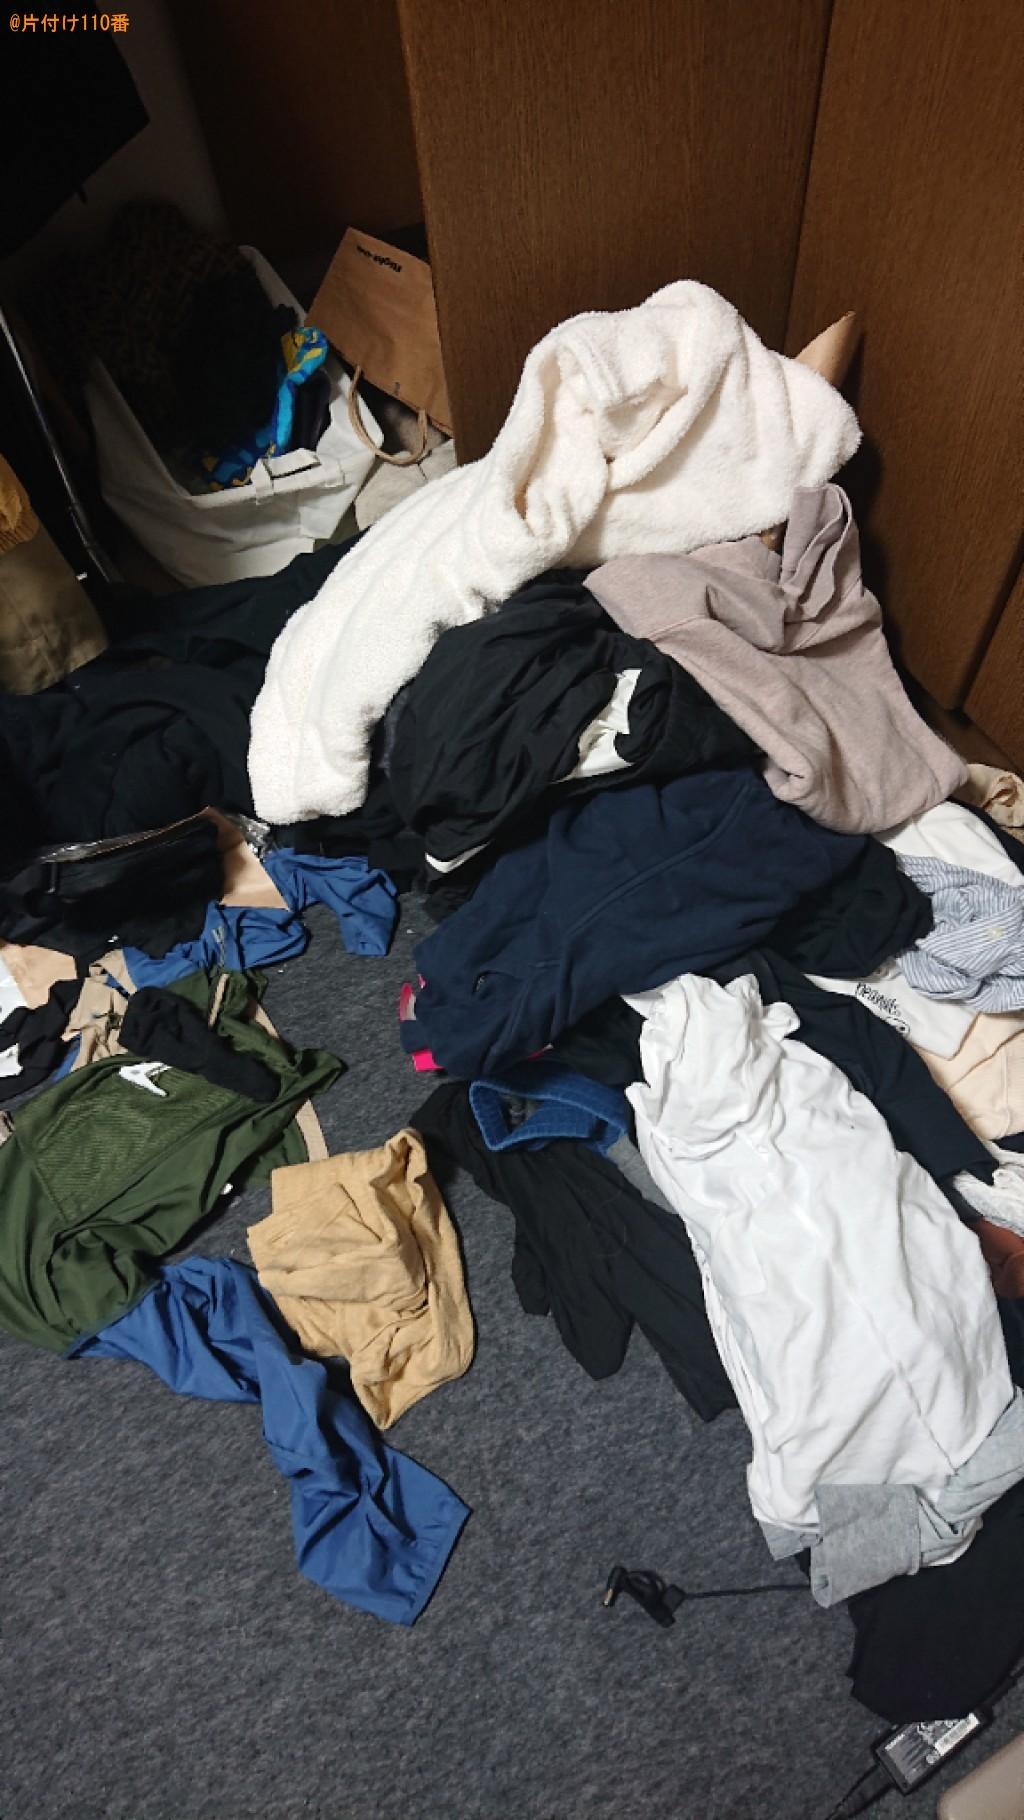 引っ越しの荷物(主に衣類、ダンボール)を畳んでまとめる作業ご依頼